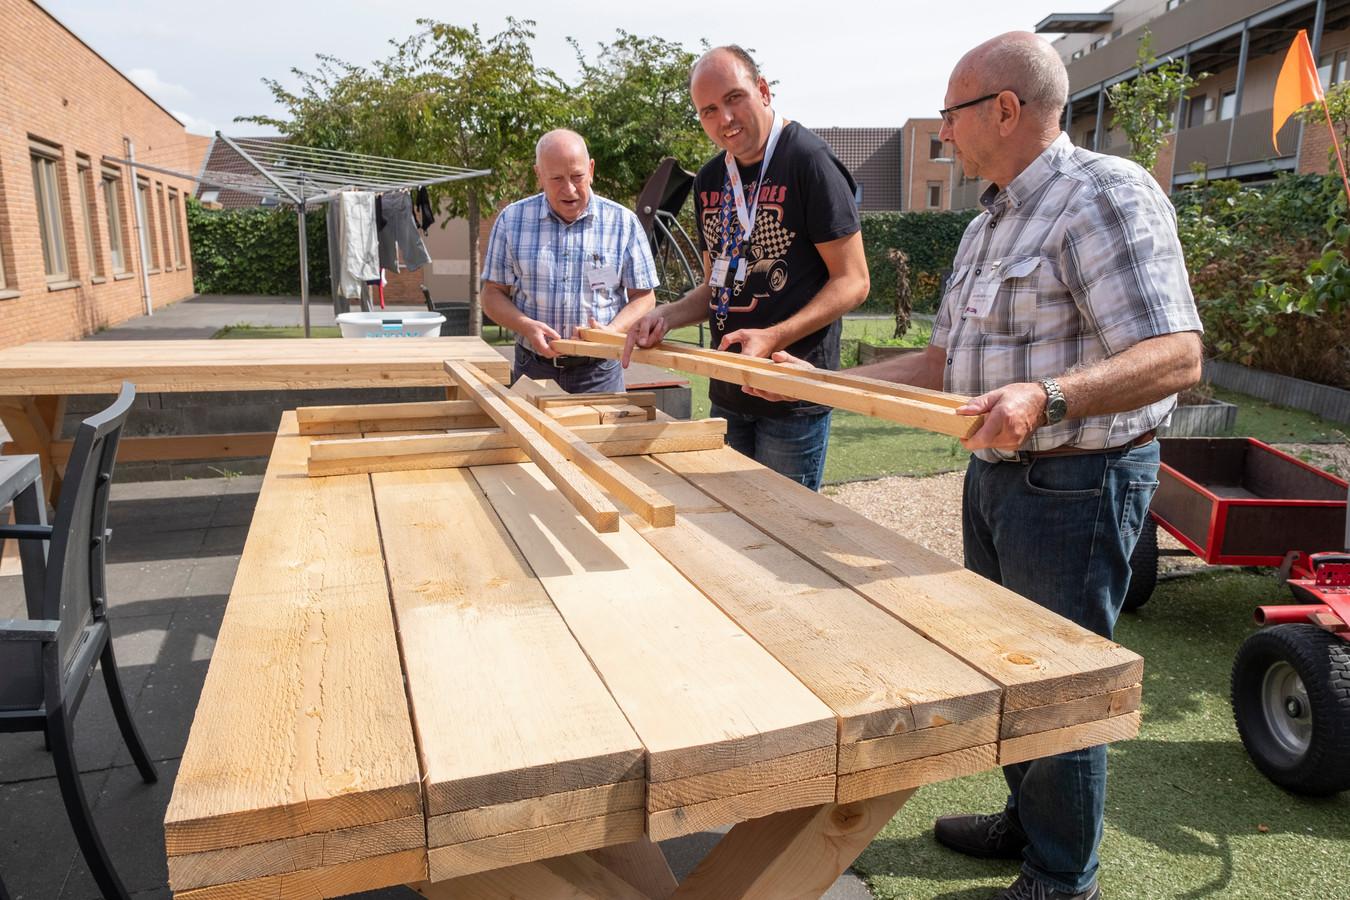 Vrijwilligers Frans van Helvoort (links) en Andre Geleijnse (rechts) zetten een tuintafel in elkaar voor het woonzorgcomplex WMZO in de Trompstraat in Middelburg waar verstandelijk beperkte jongeren wonen. Eén van die jongeren is Danny Dingemanse (midden).